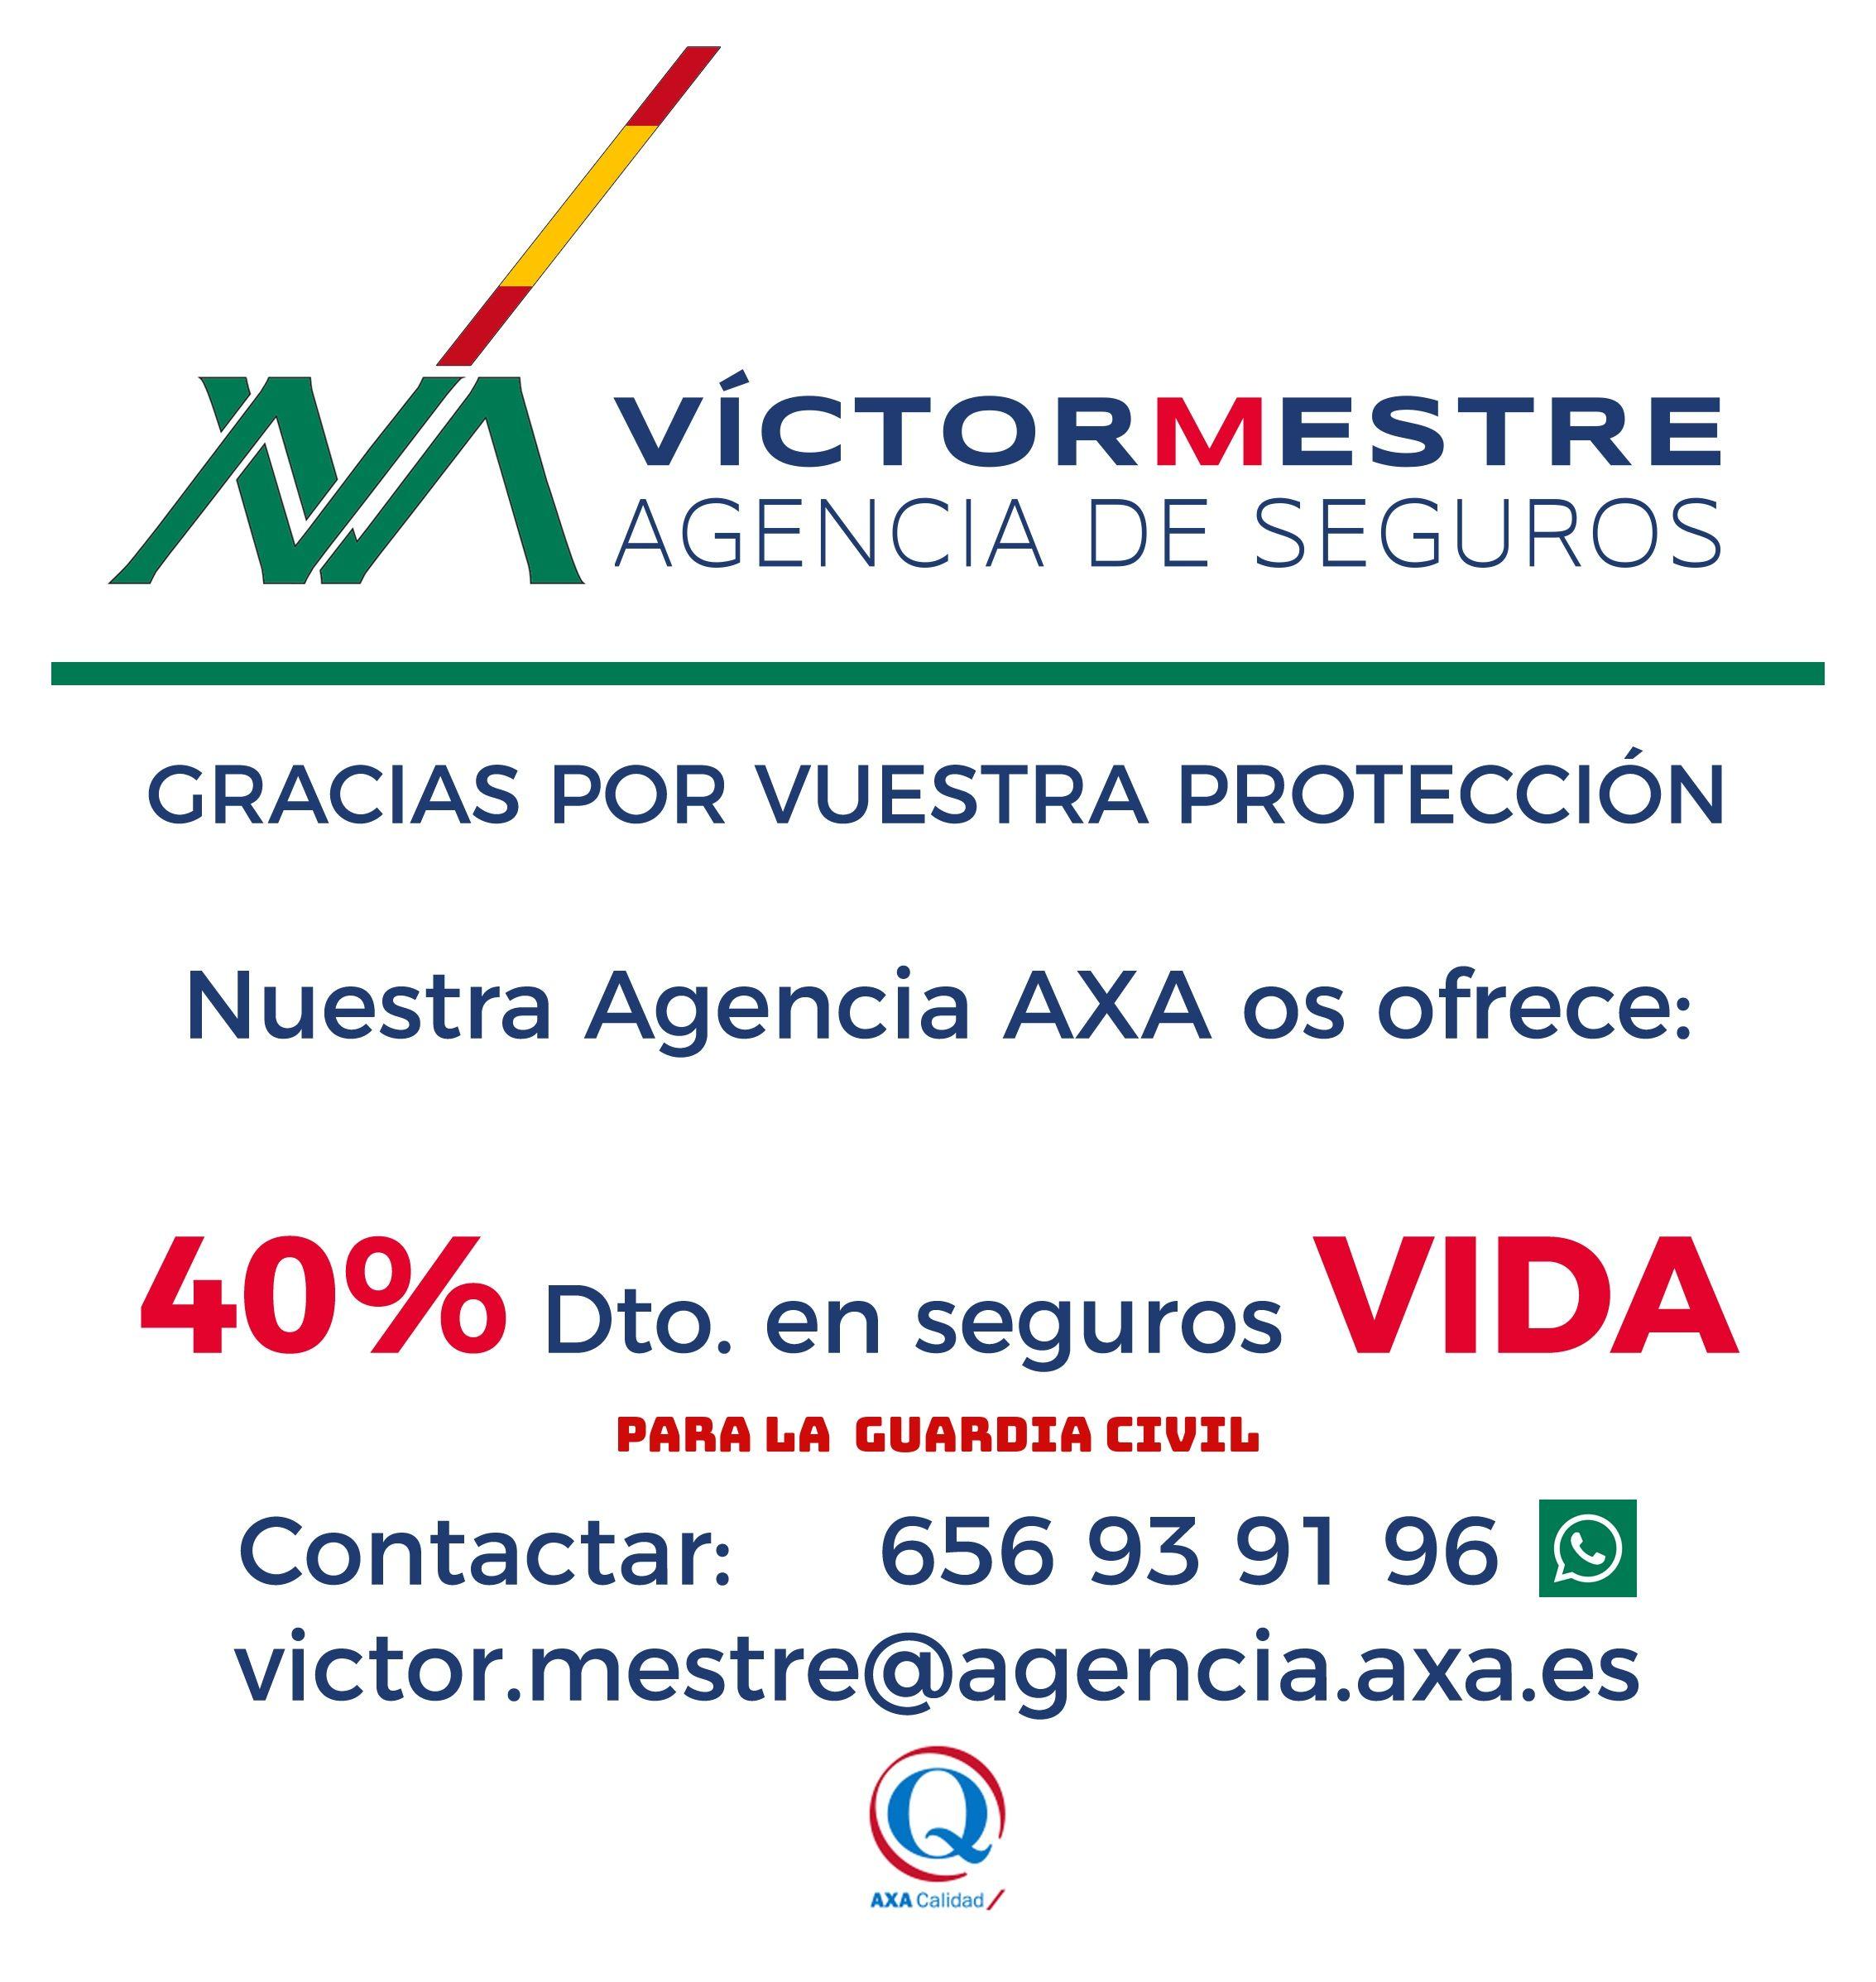 Gracias Guardia Civil. Nuestra Agencia AXA os ofrece un 40% de descuento en vuestro Seguro de Vida .